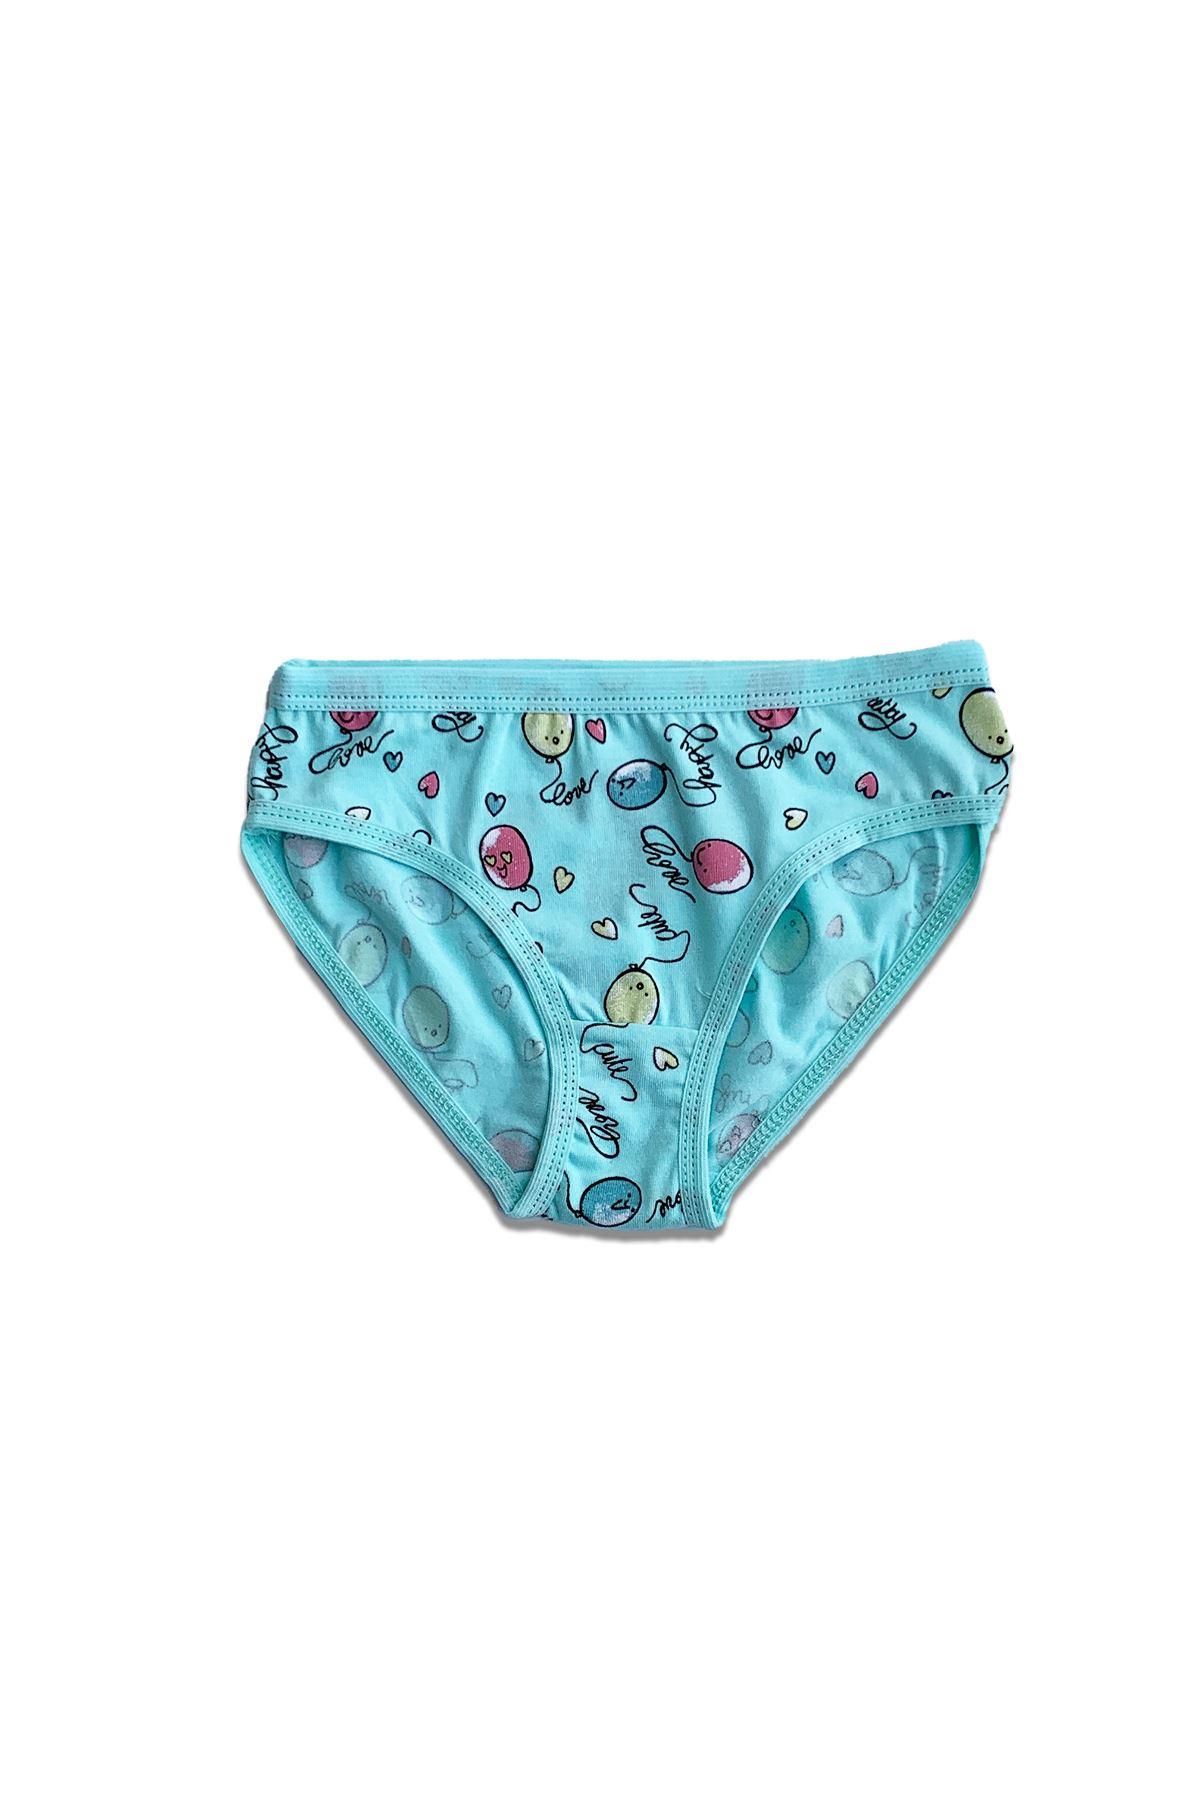 Yeşil Kız Çocuk Slip 6 lı Paket Desenli Likralı Modal Slip Külot 332-E